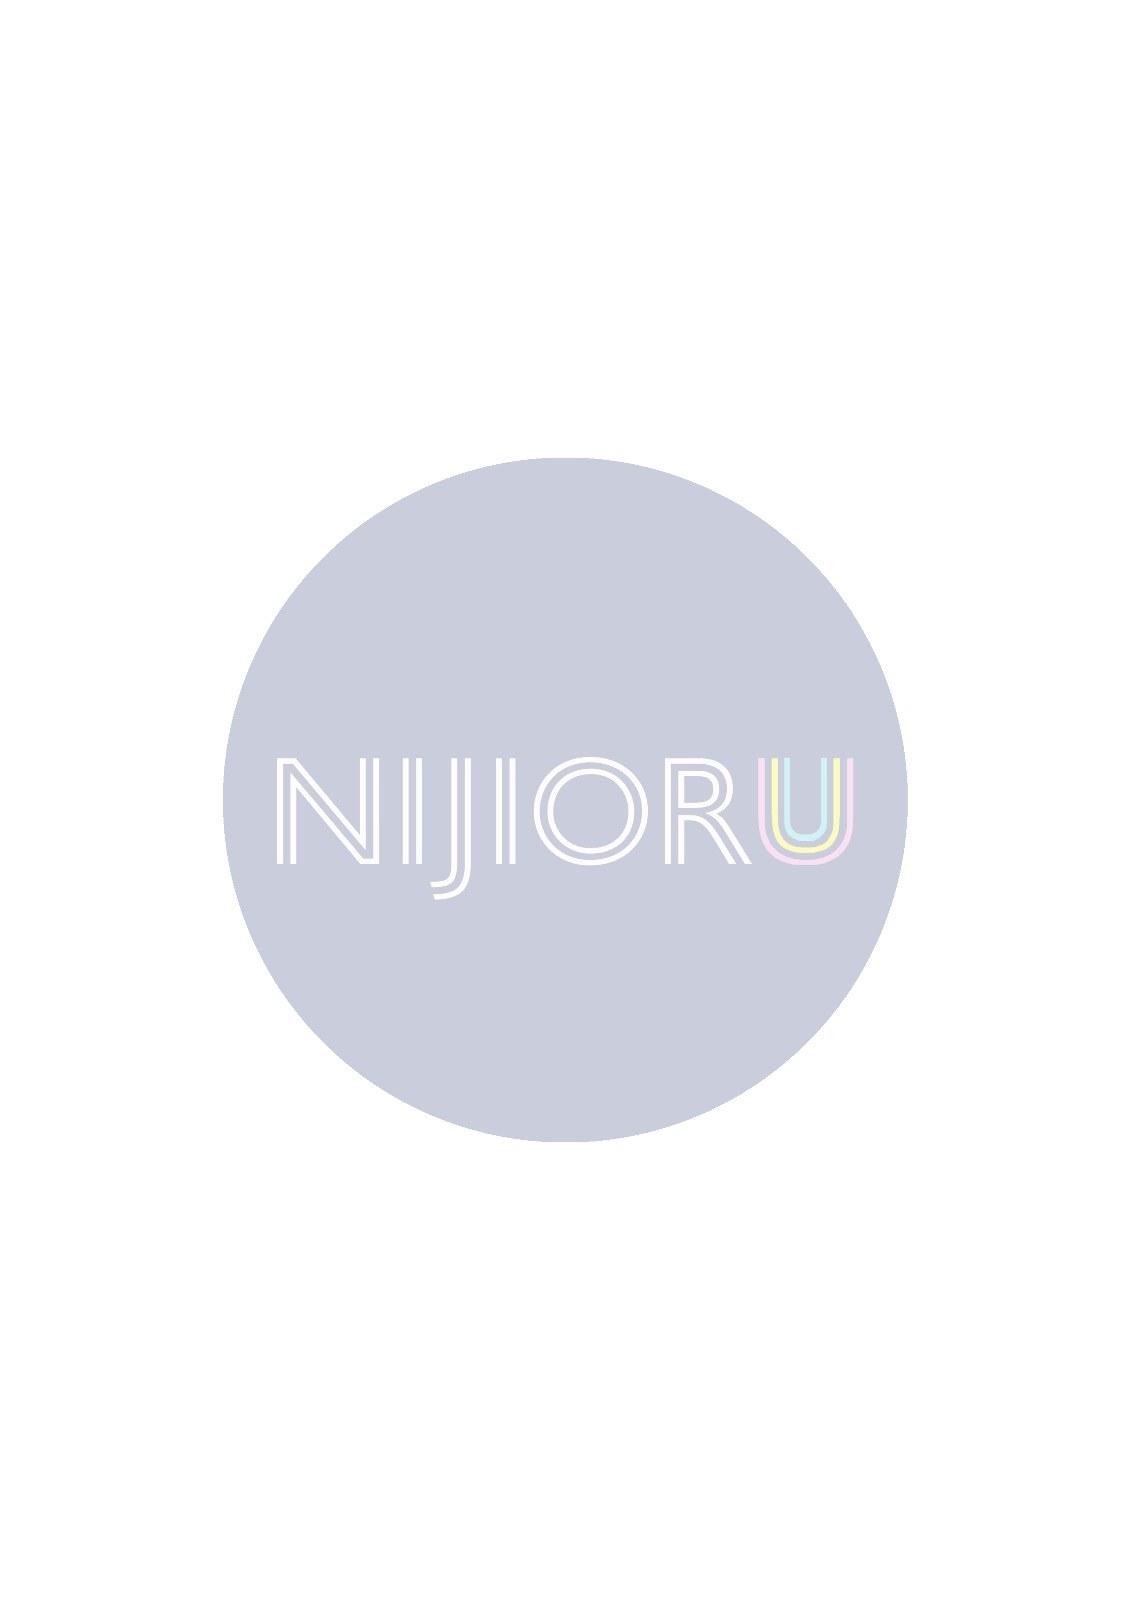 Nijioru